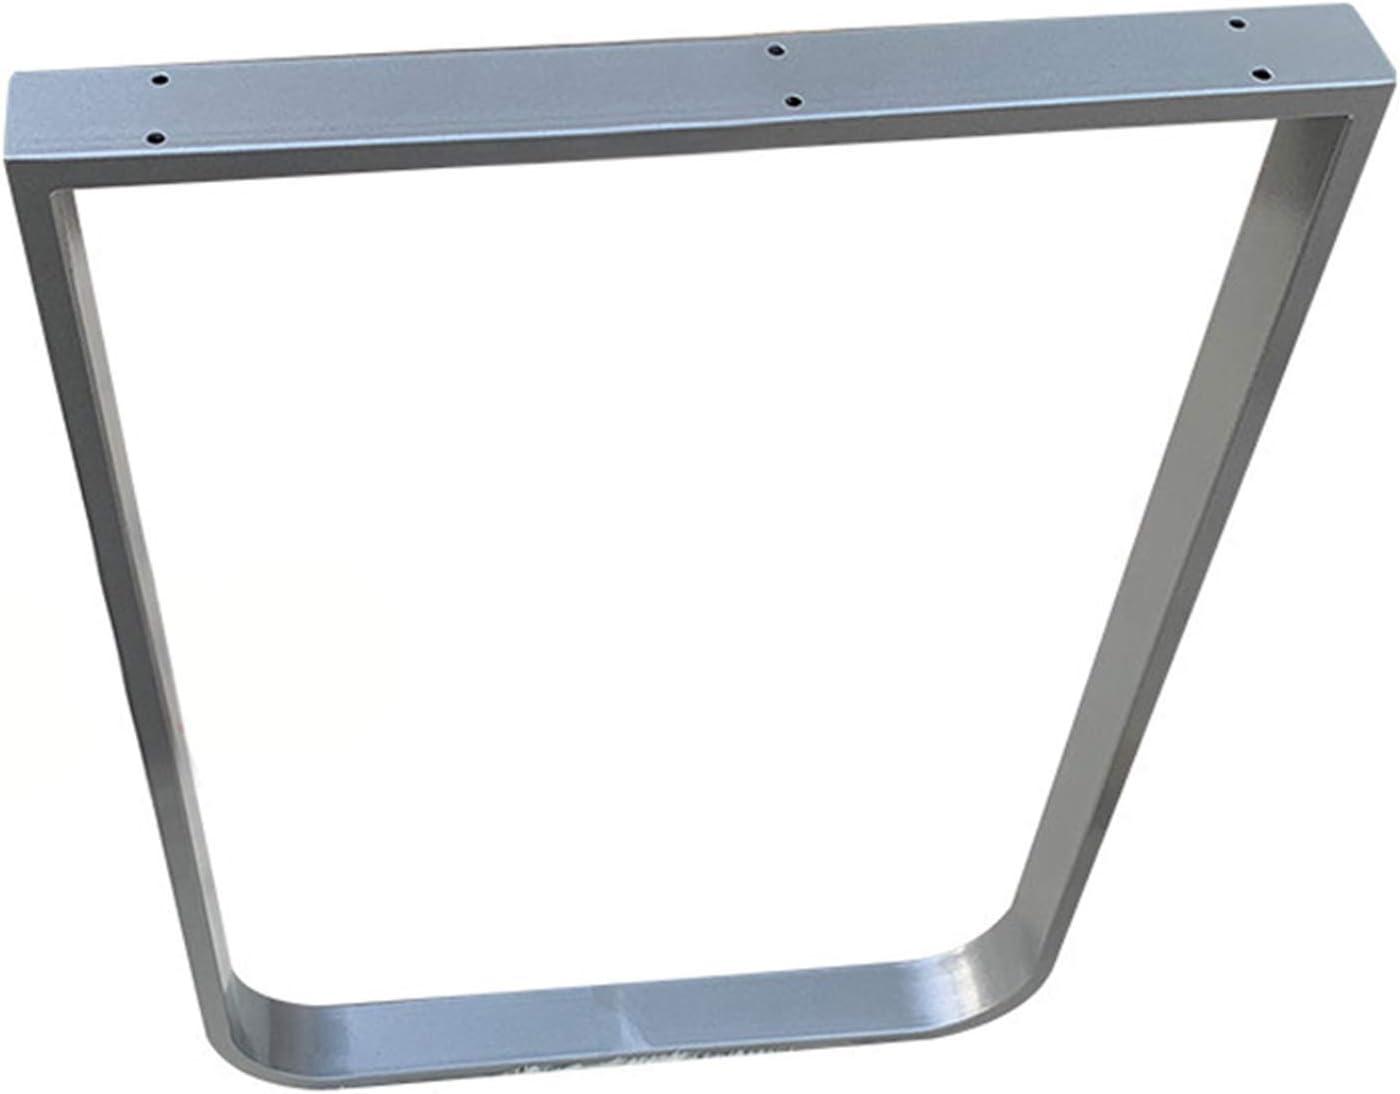 QAQA Metal Regular store Table Legs 72cm Rectan Furniture Industrial Super special price Iron